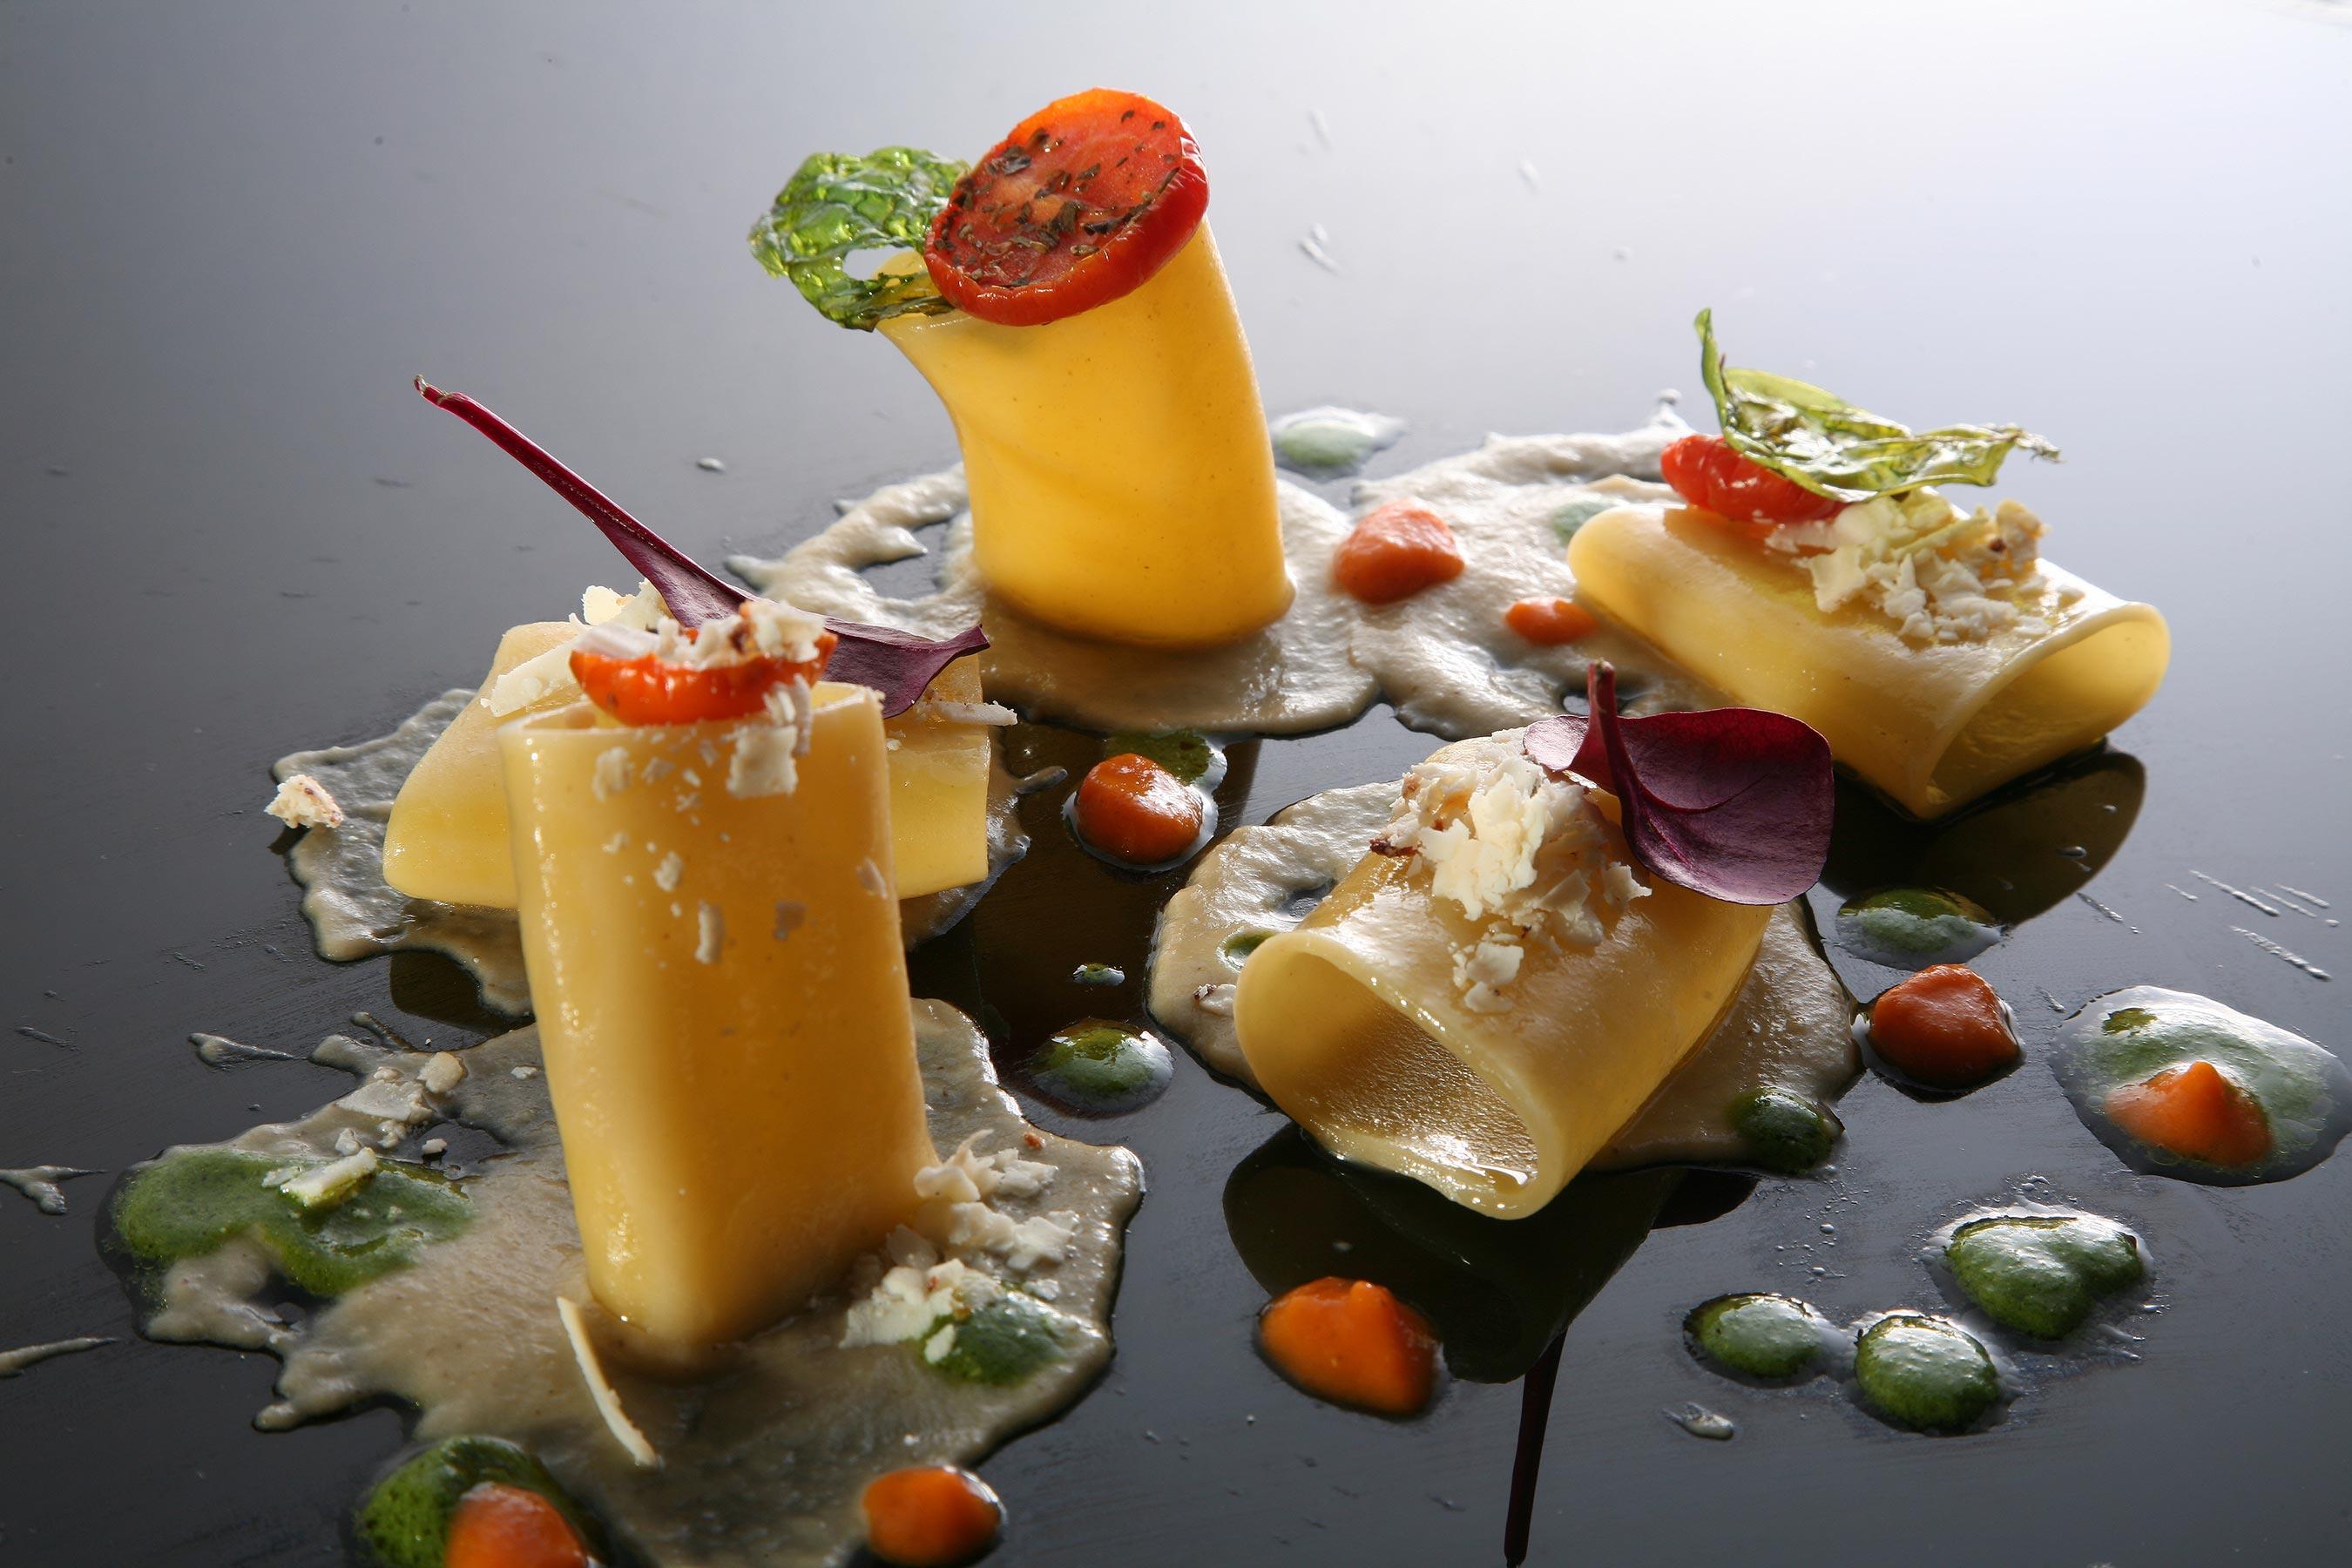 Tortelli alla clorofilla di basilico ripieni di baccala mantecato ricotta di pecora e mandorle tostate